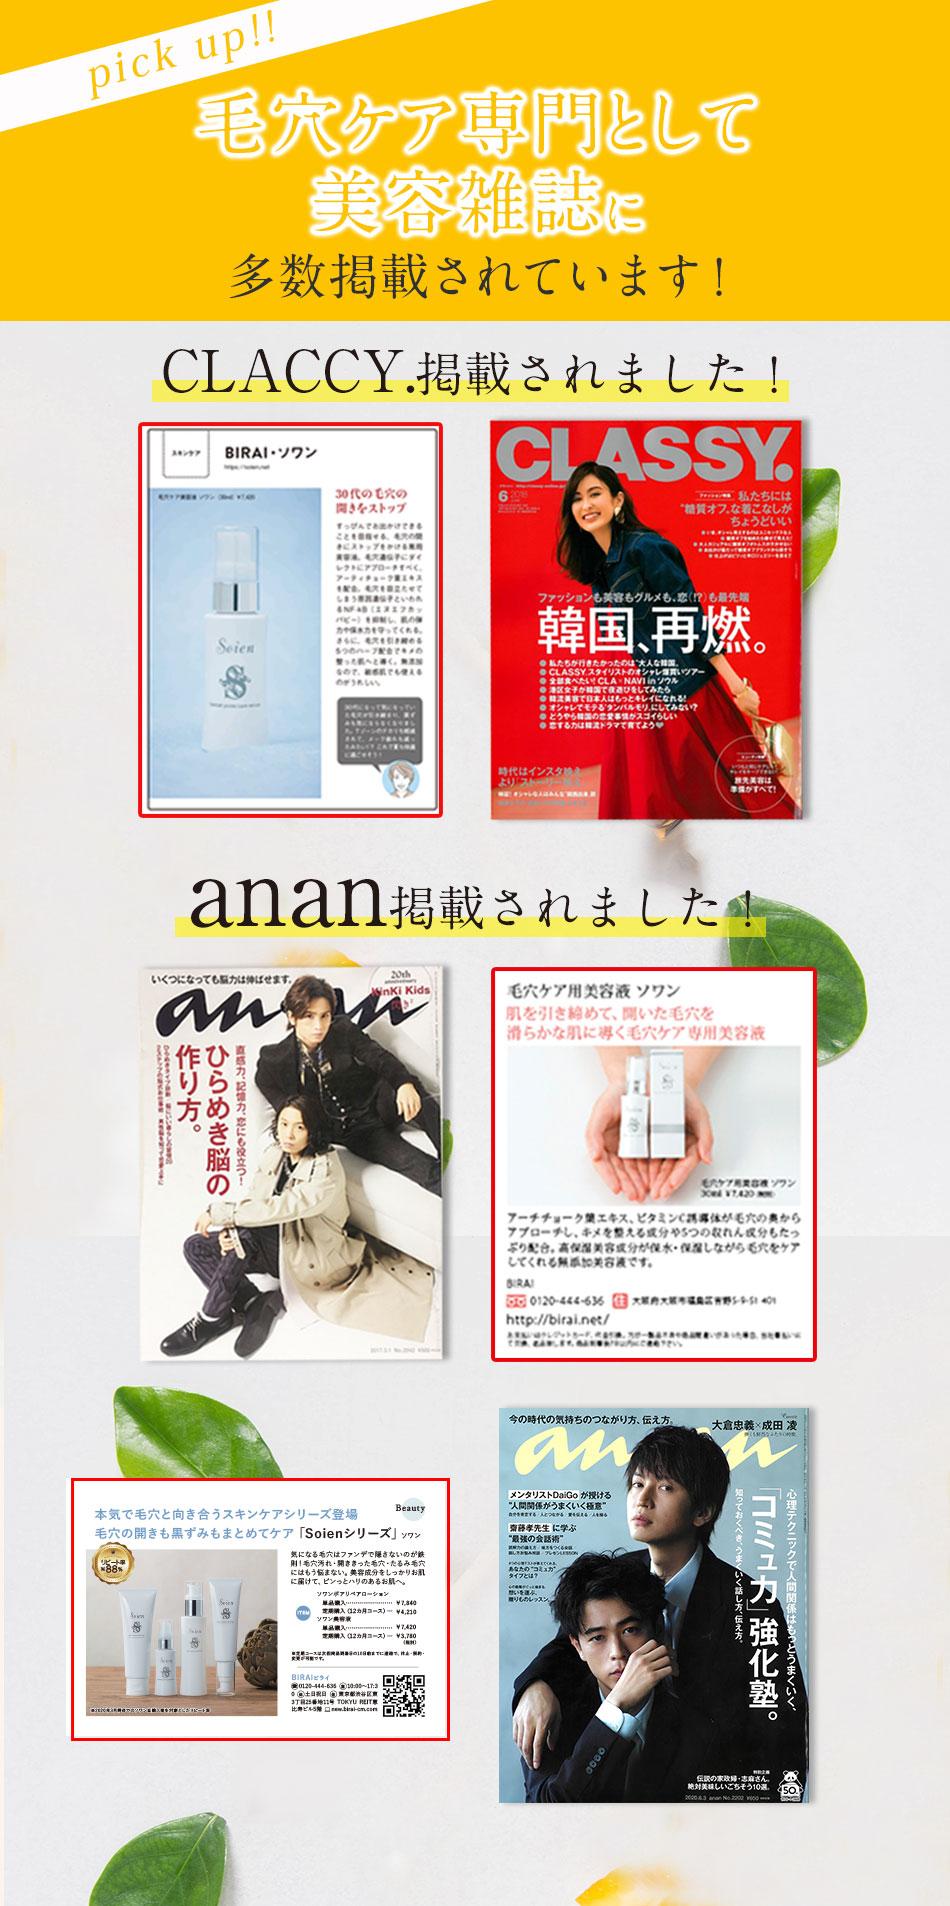 毛穴ケア専門として美容雑誌に多数掲載されています!